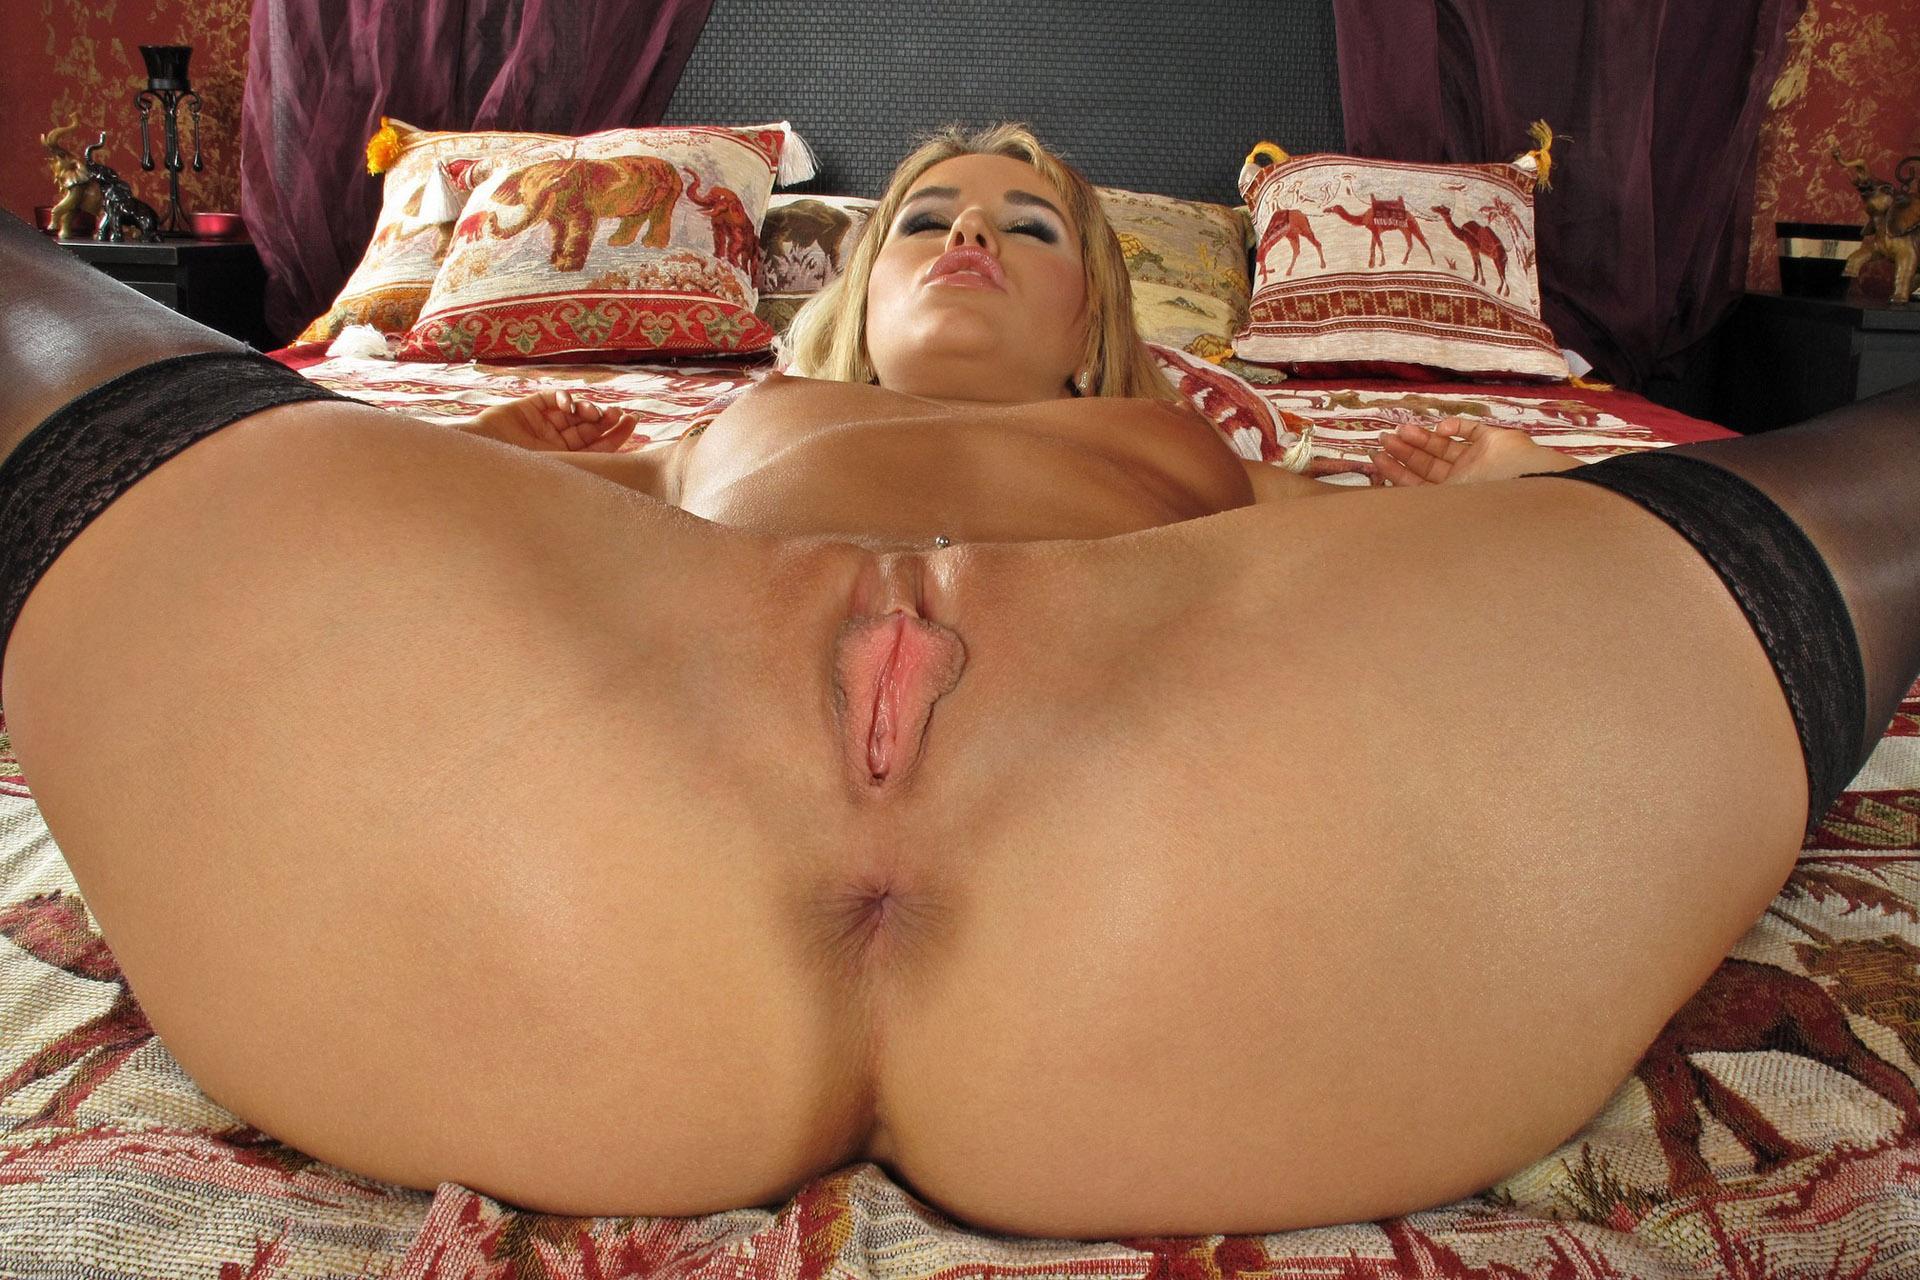 женщины раком фото крупным планом зрелую женщину